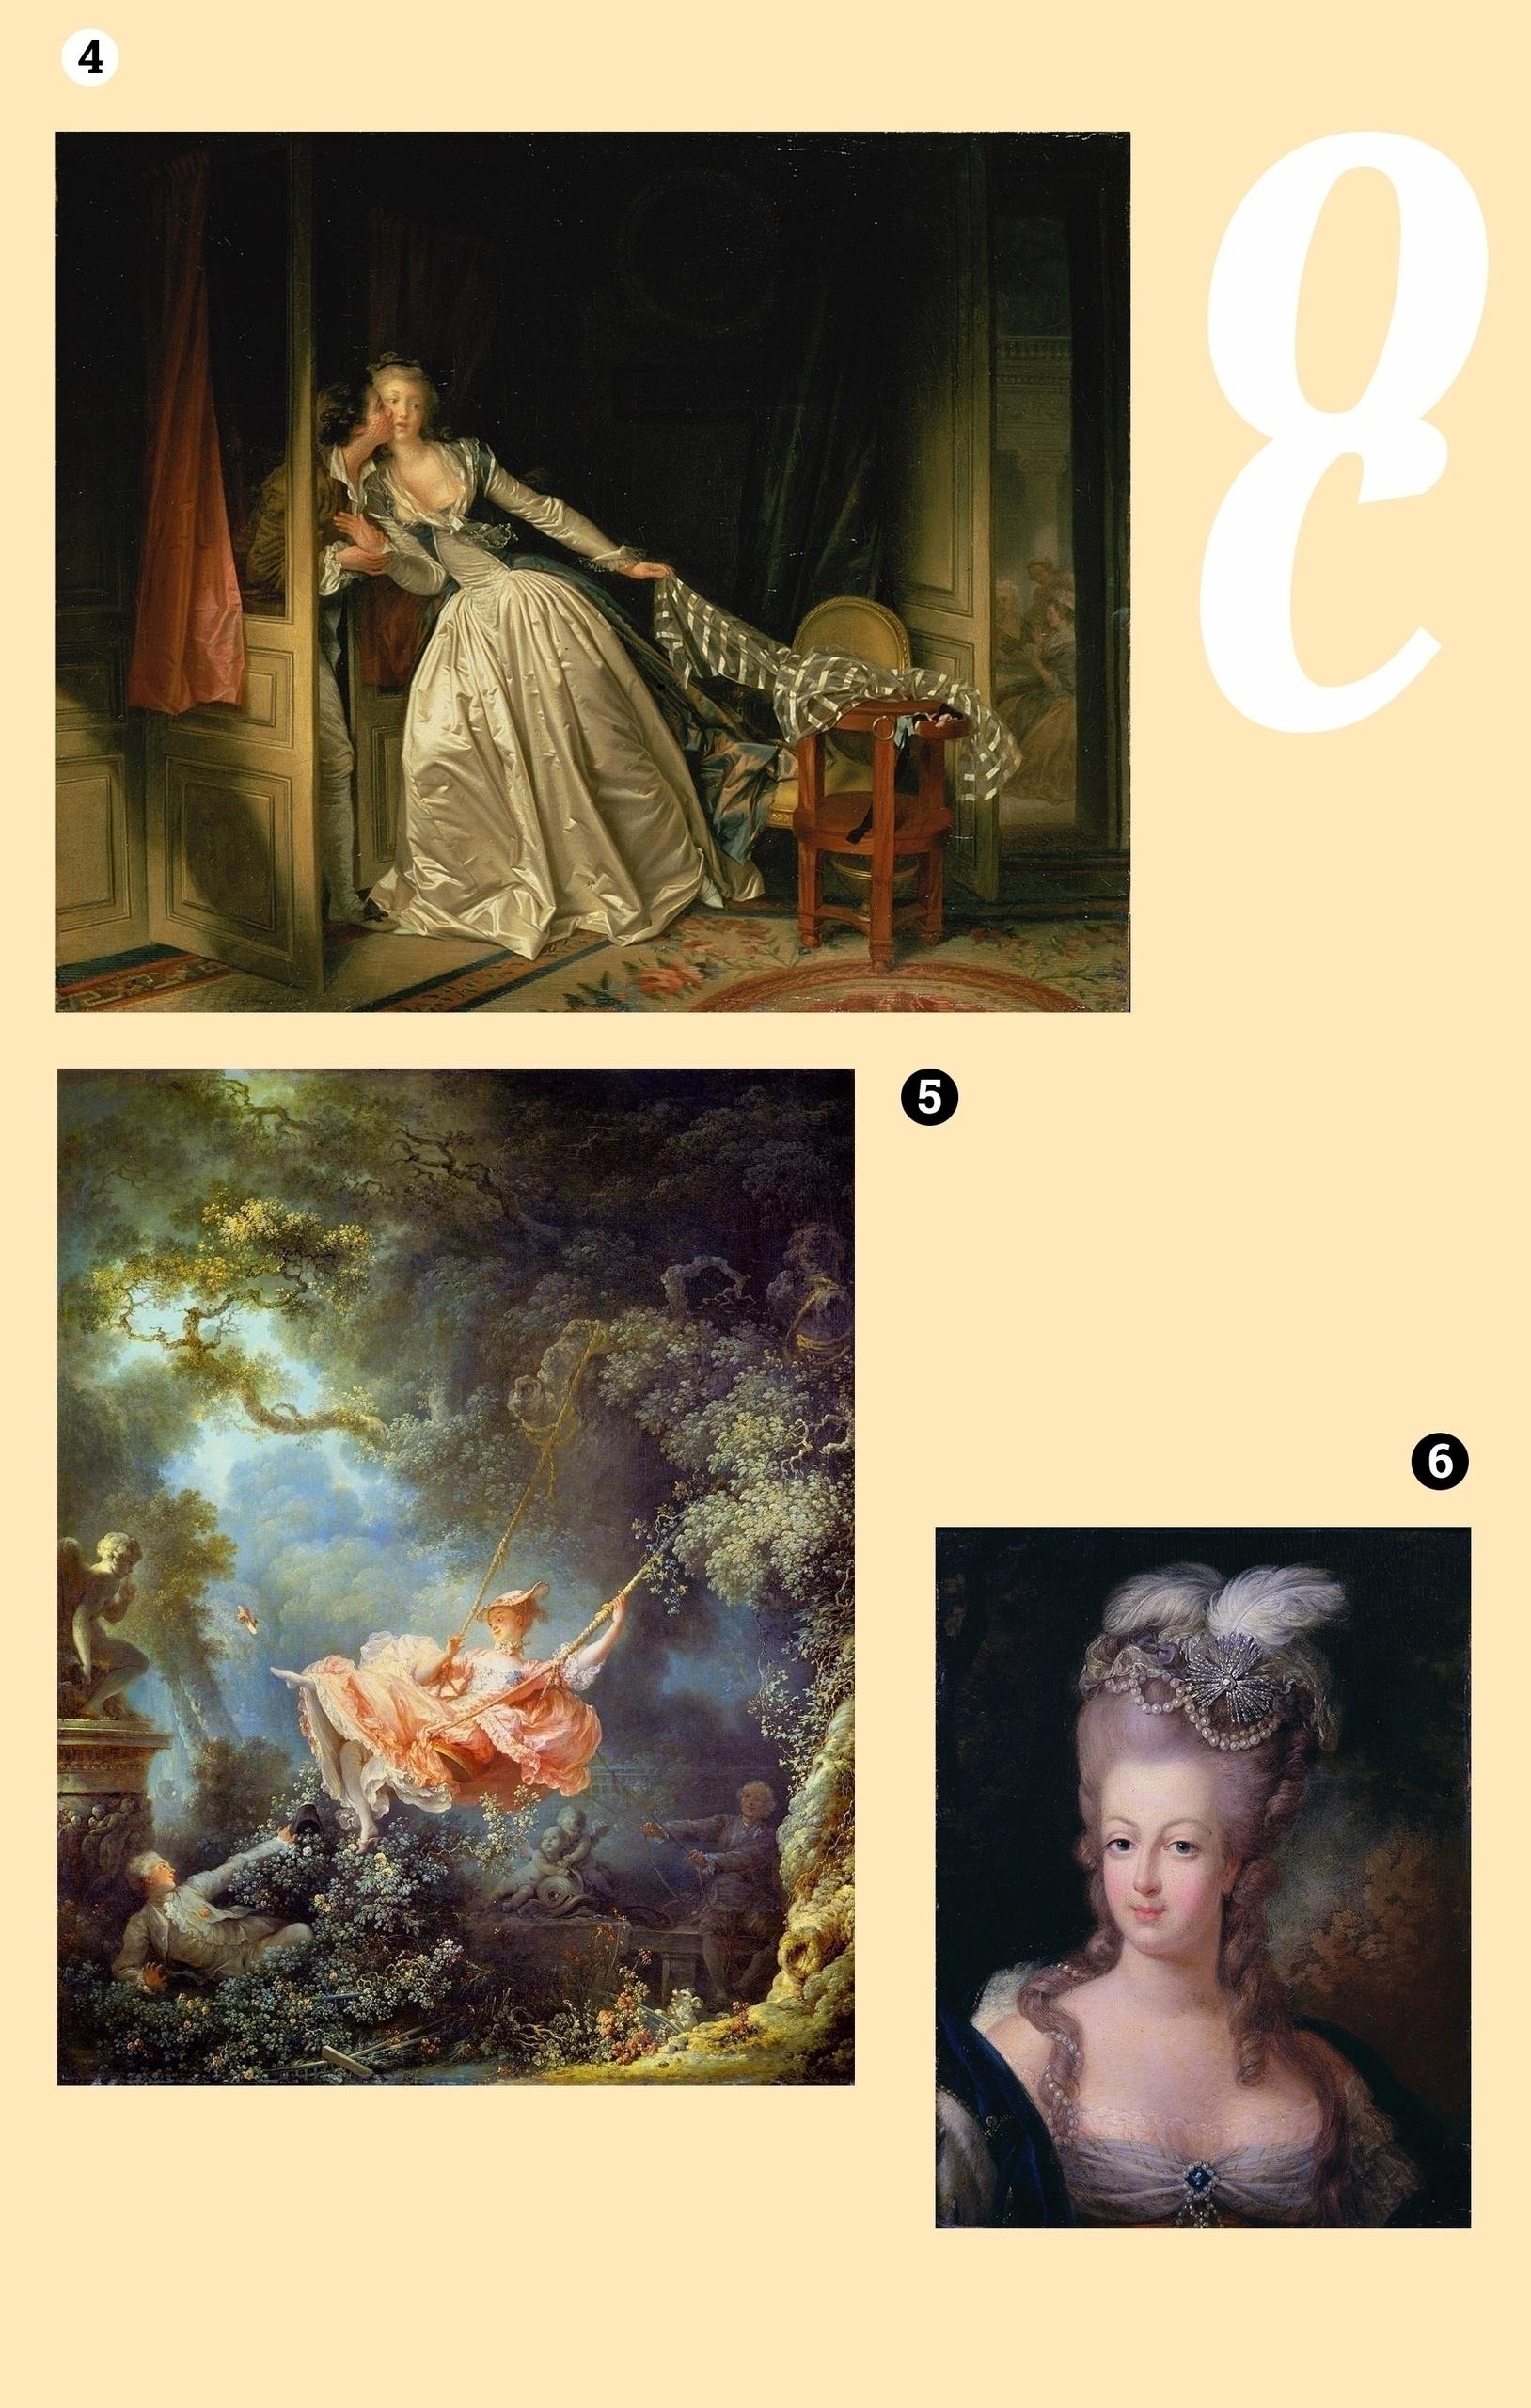 Obraz przedstawia trzy fotografie na jasnobeżowym tle. Widzimy XVIII wieczne obrazy olejne.